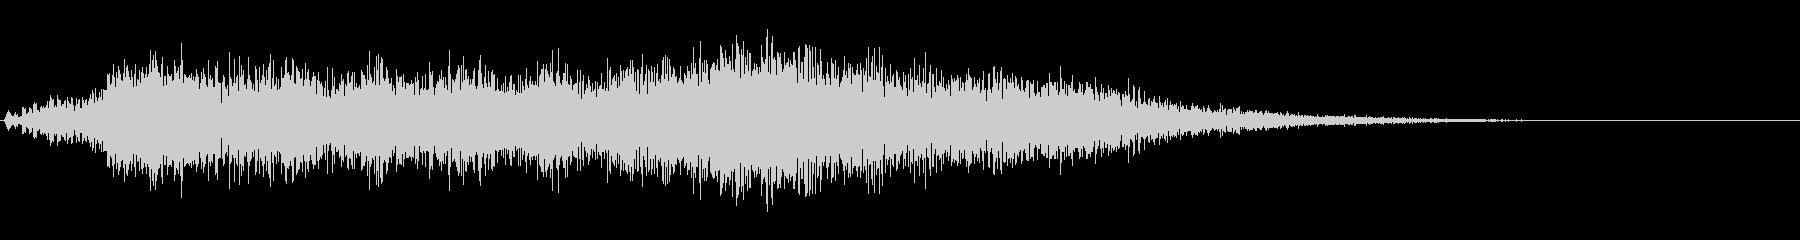 成功ジングルなど(オーケストラ系)の未再生の波形